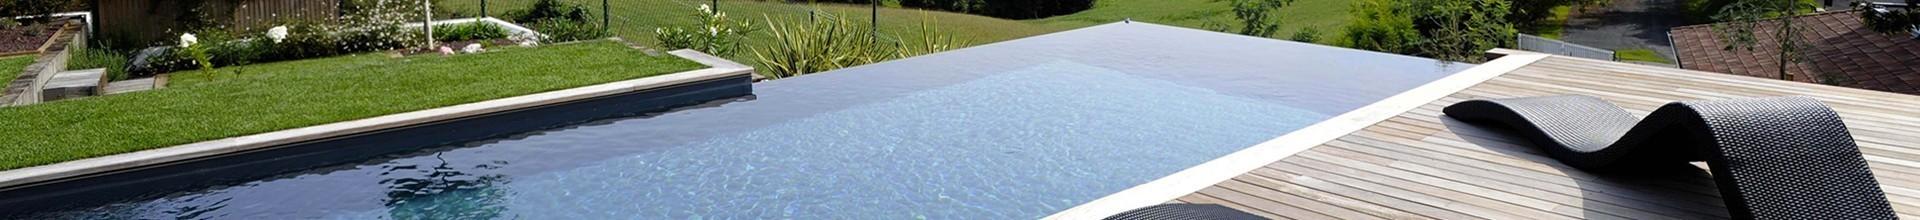 Luxembourg conception conteneur piscine coque sur mesure Esch-sur-Alze